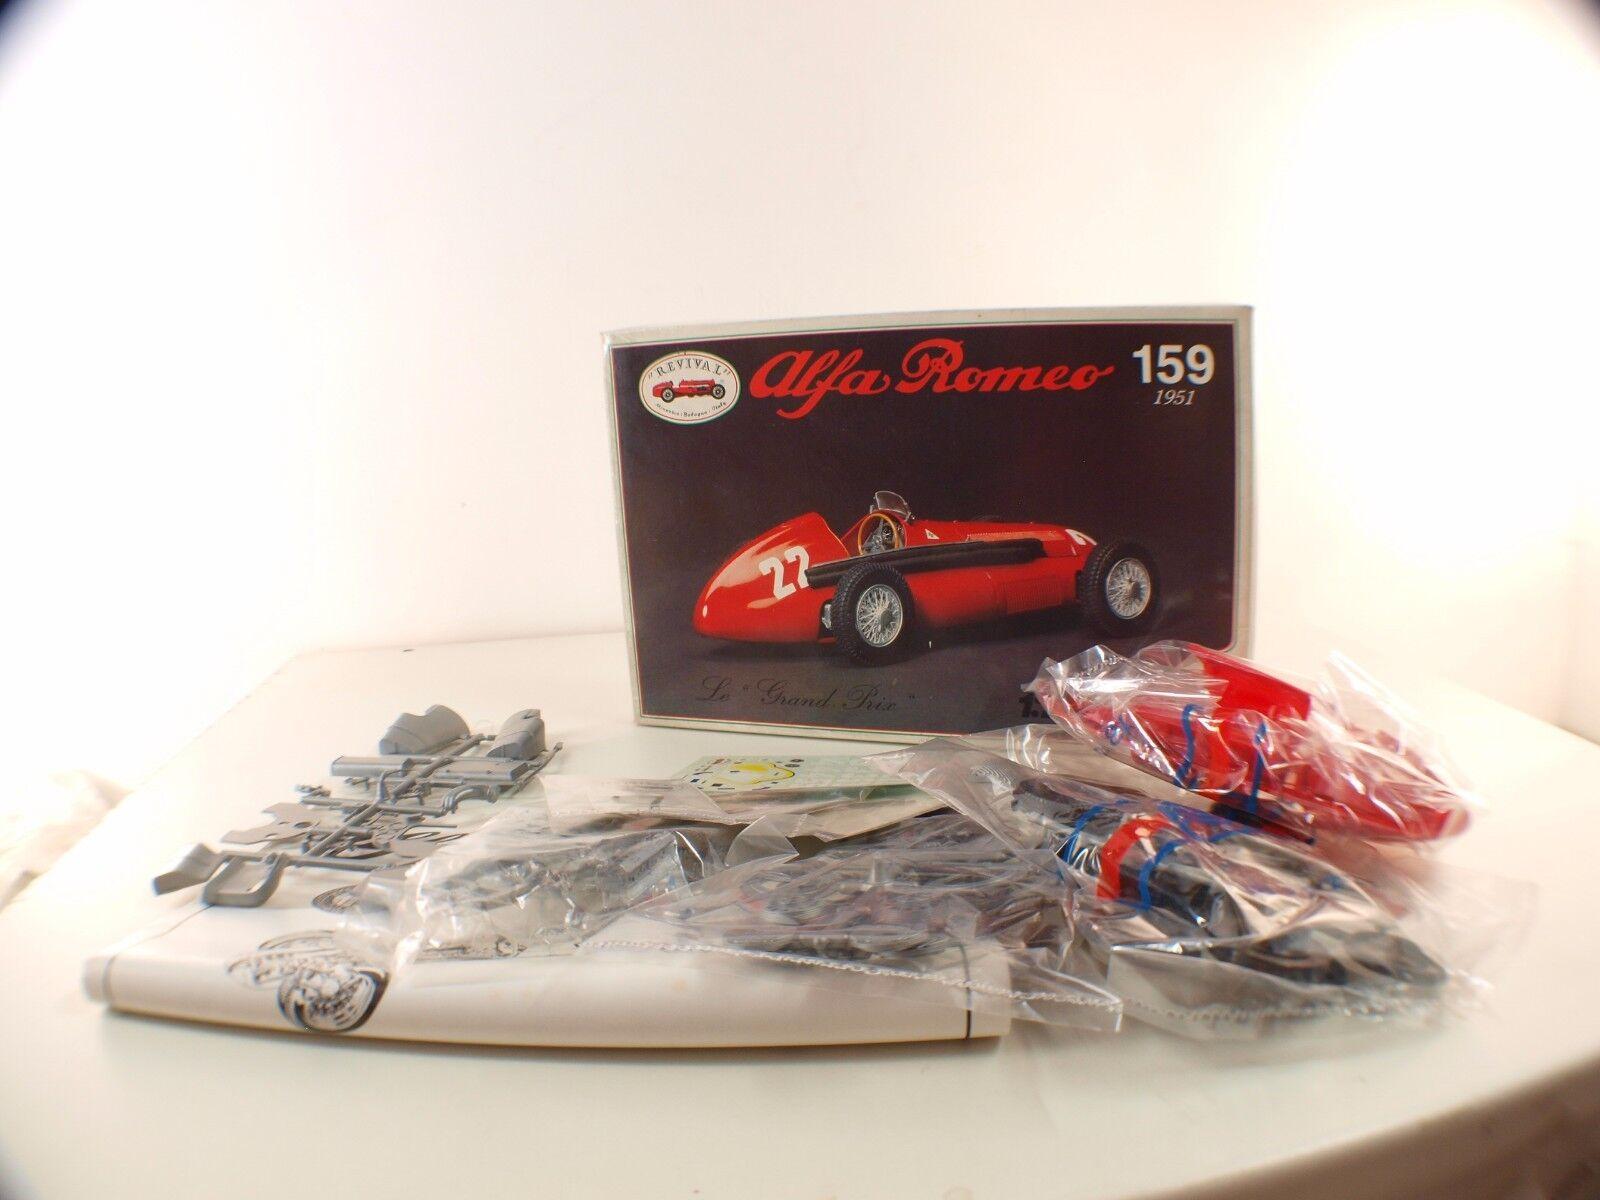 Revival i N.86101 Alfa Romeo 159 1951 il Grande Prezzo Scatola Kit Nuovo 1 20